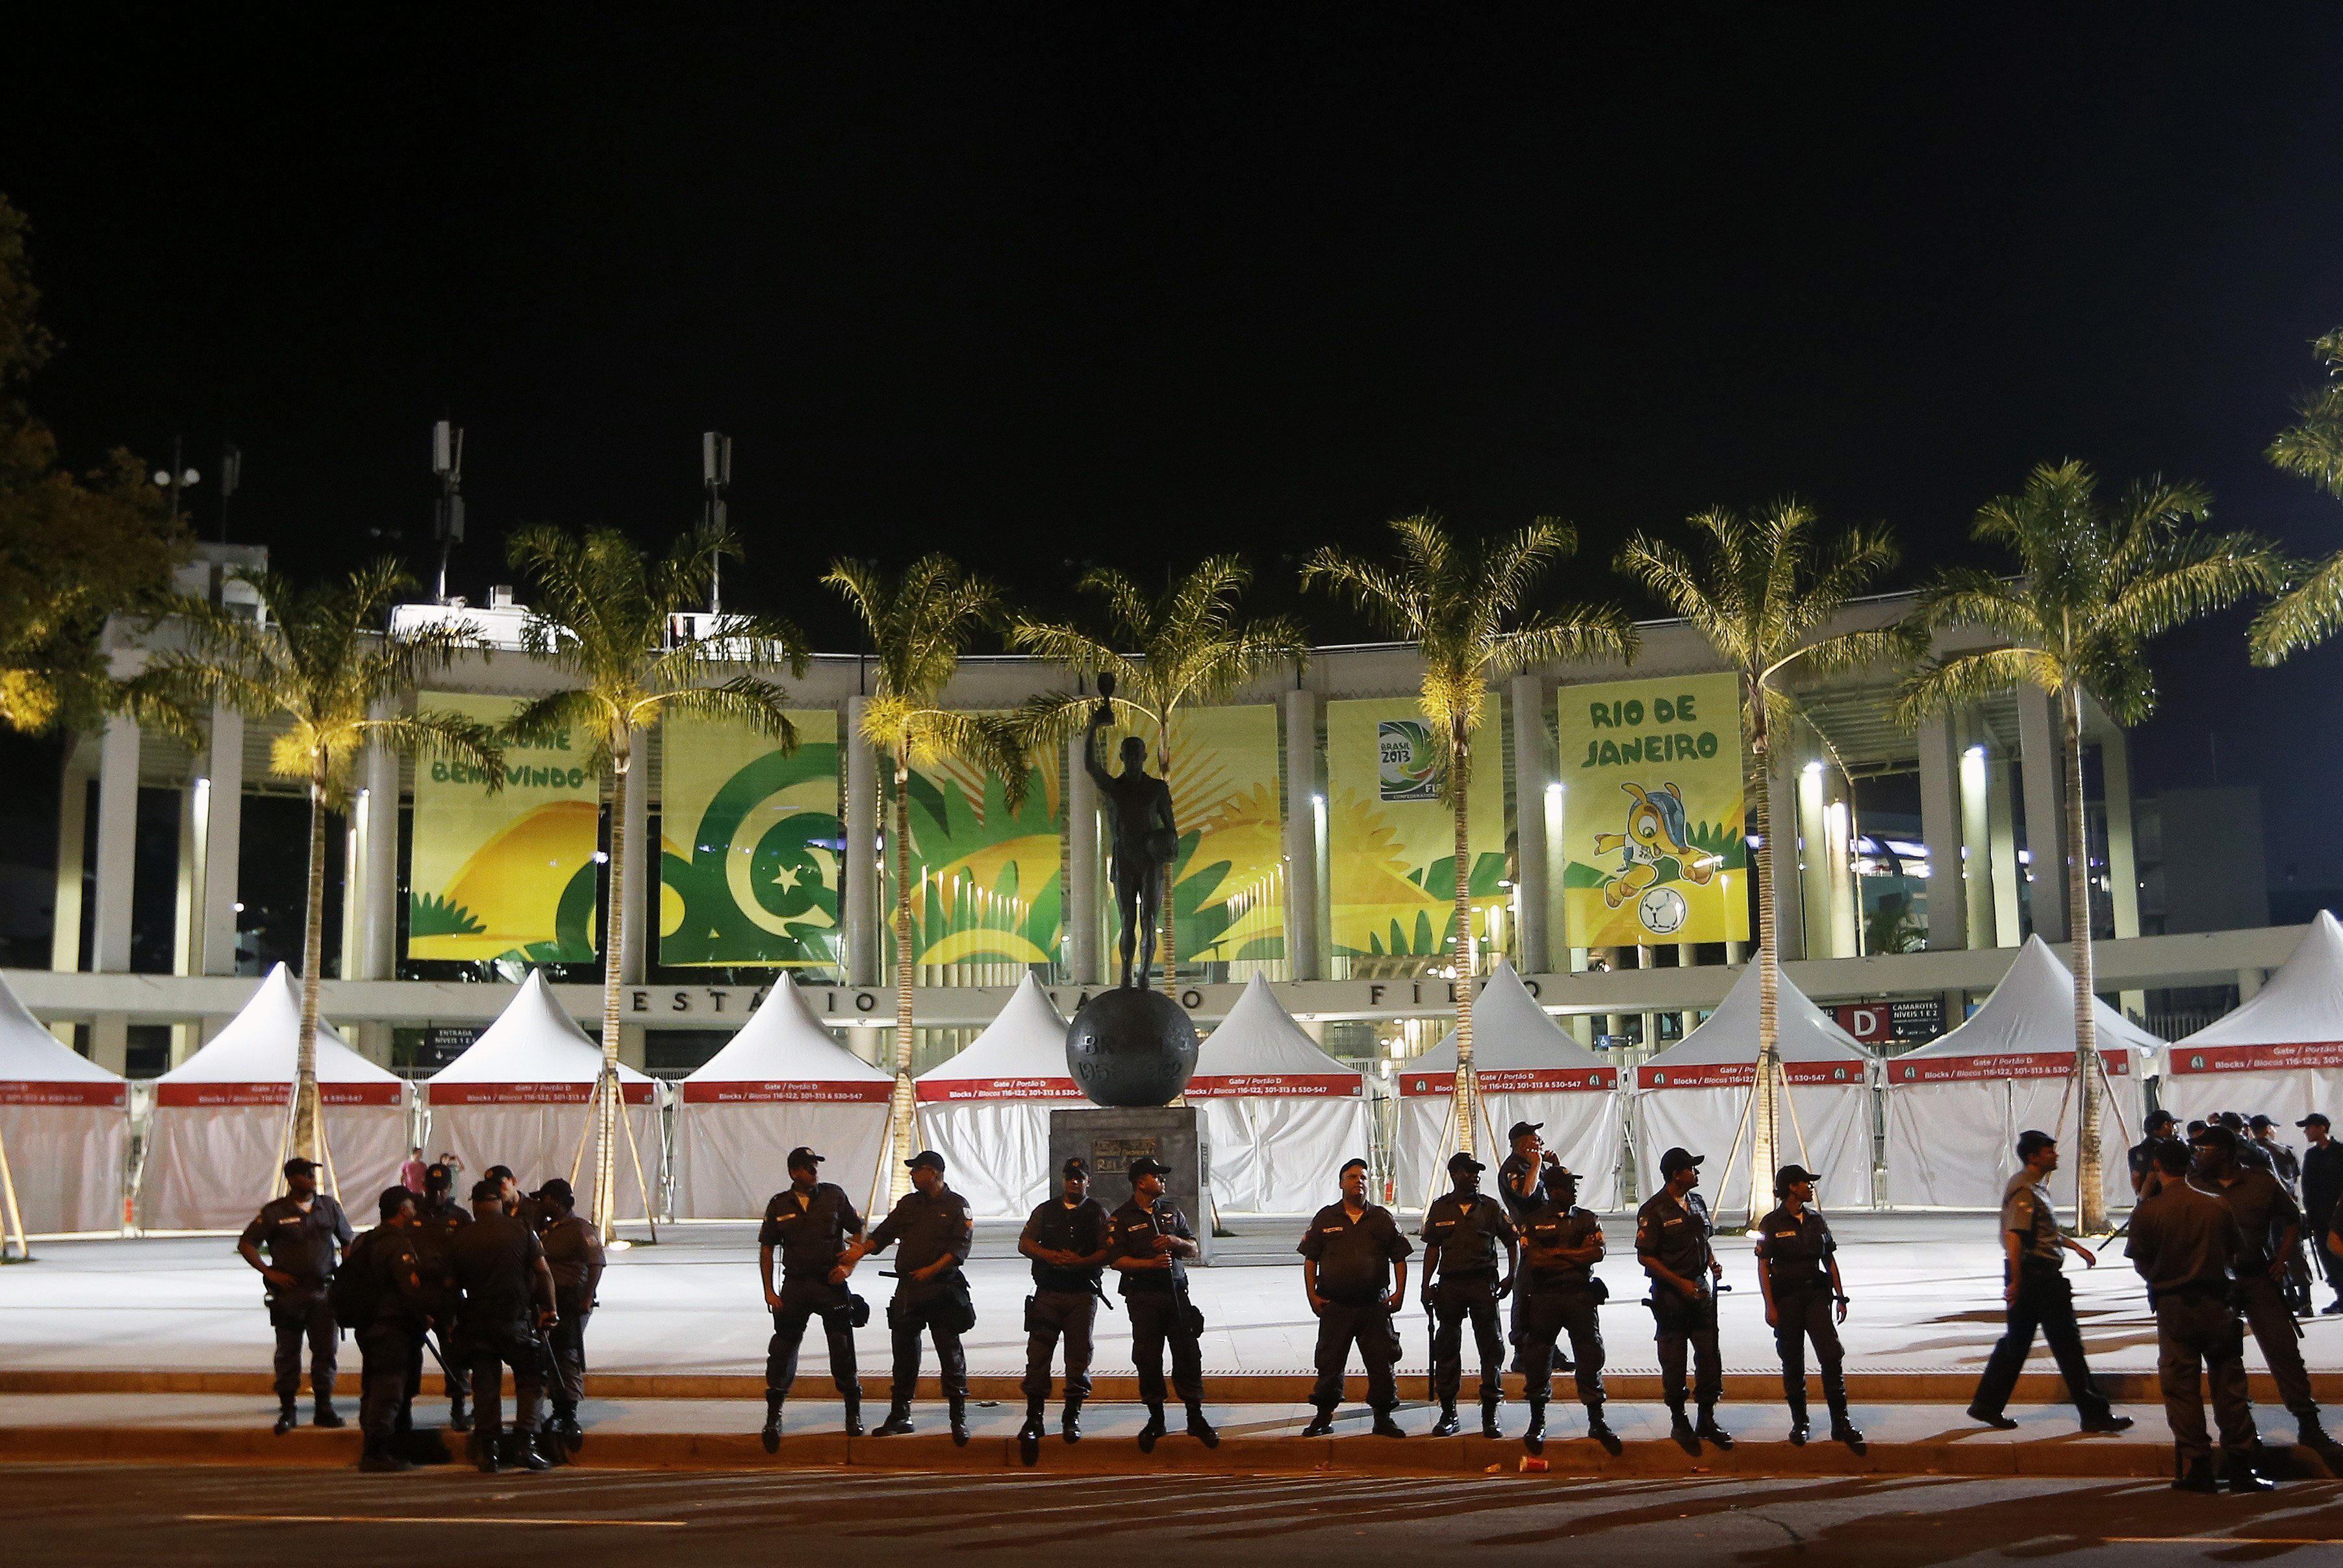 Manifestantes ocupan la futura sede de la Confederación Brasileña de Fútbol